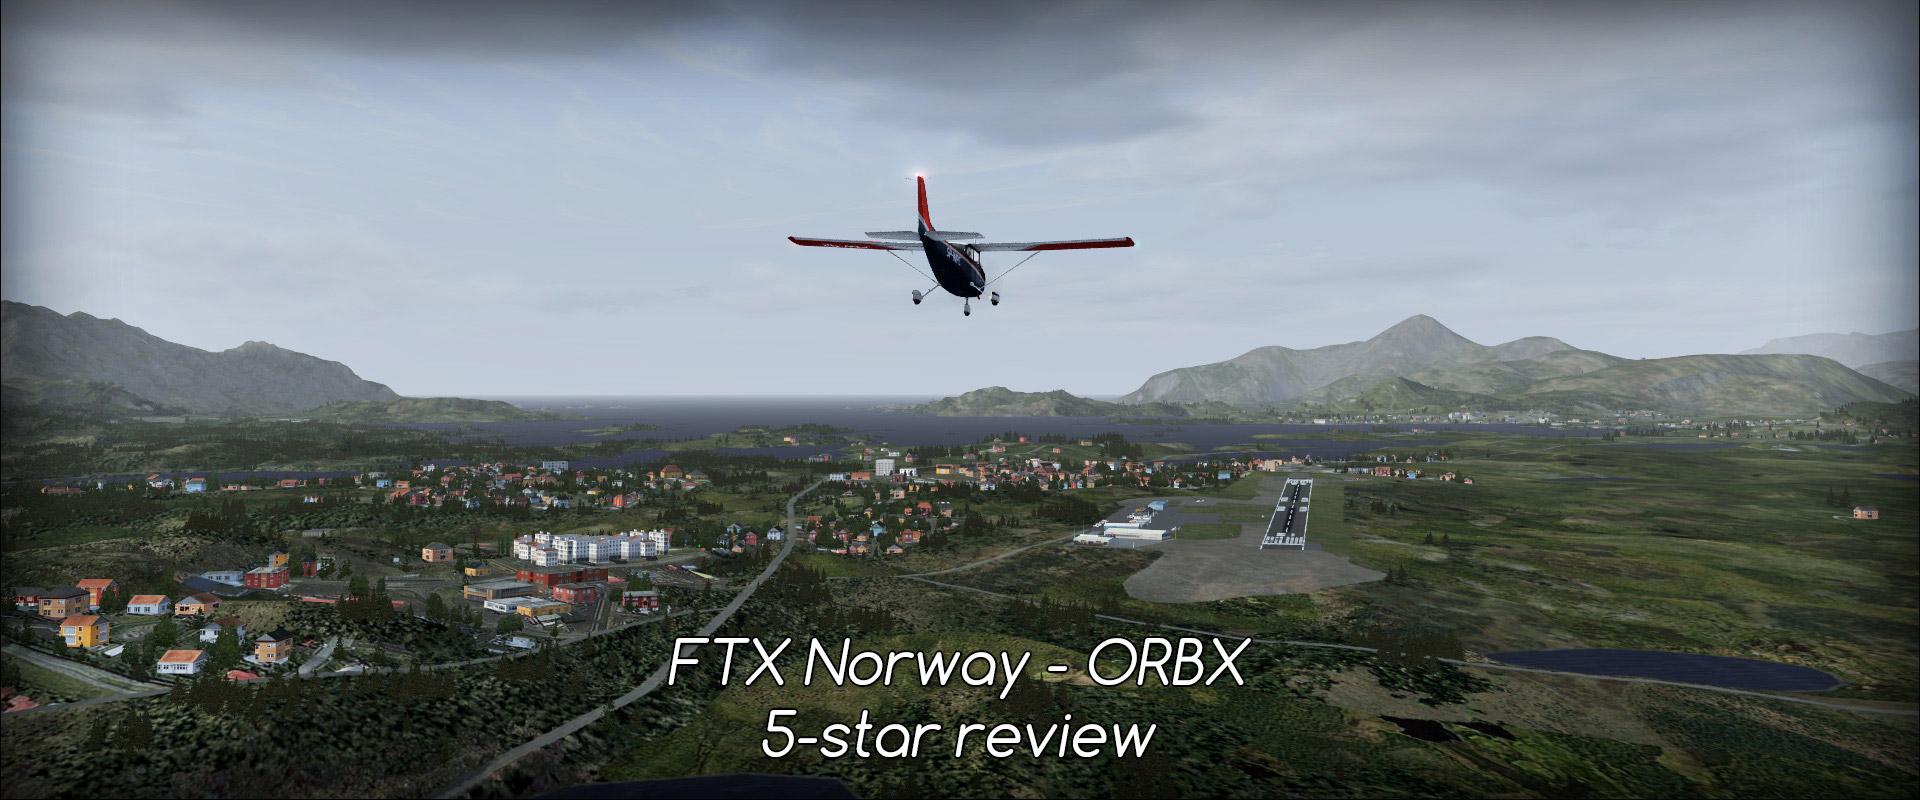 ftx-norway